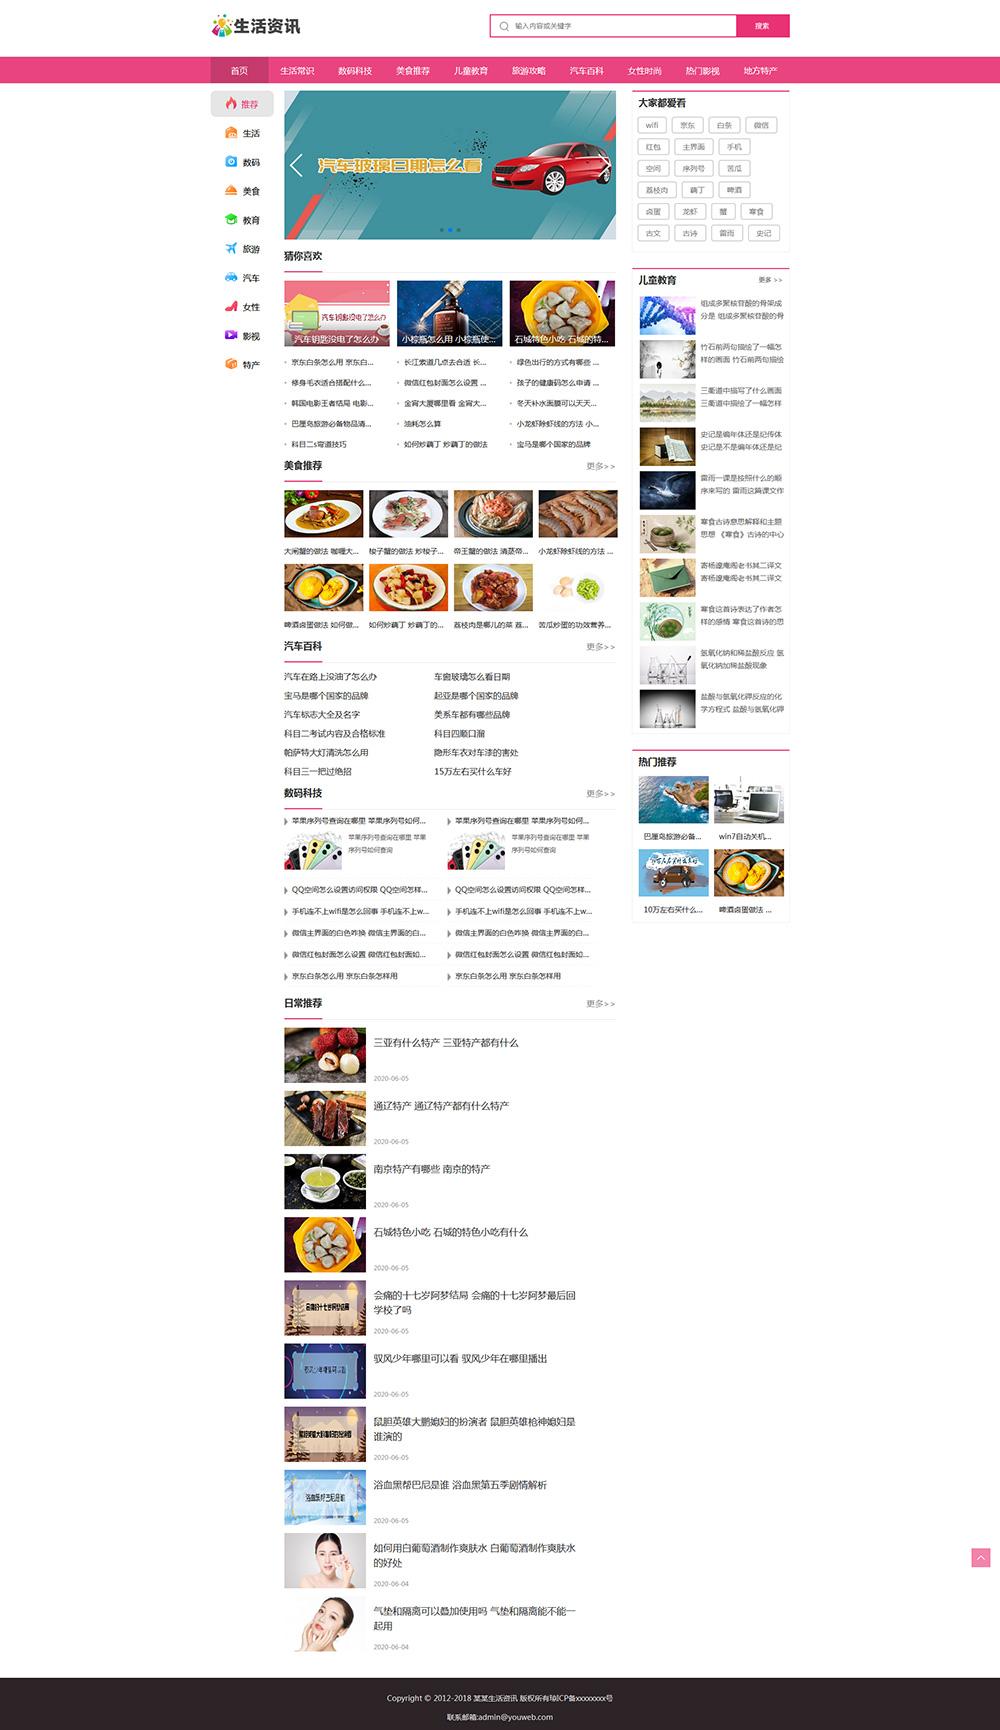 生活常识热门资讯菜谱网站模板-10262